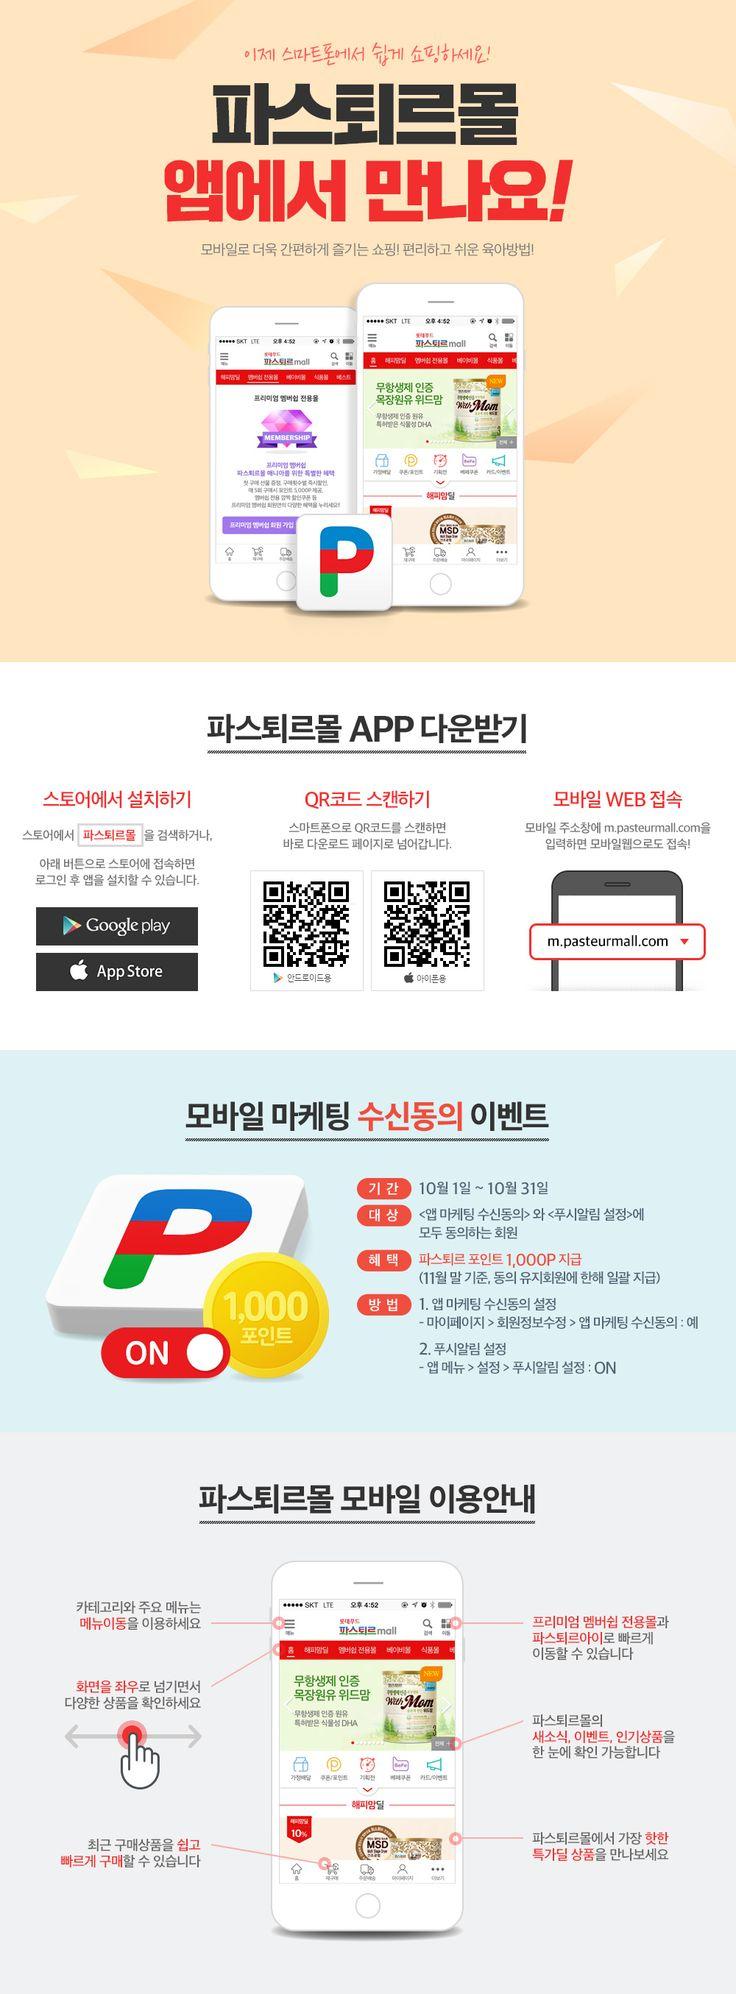 2015.10. 파스퇴르몰 모바일앱 서비스안내